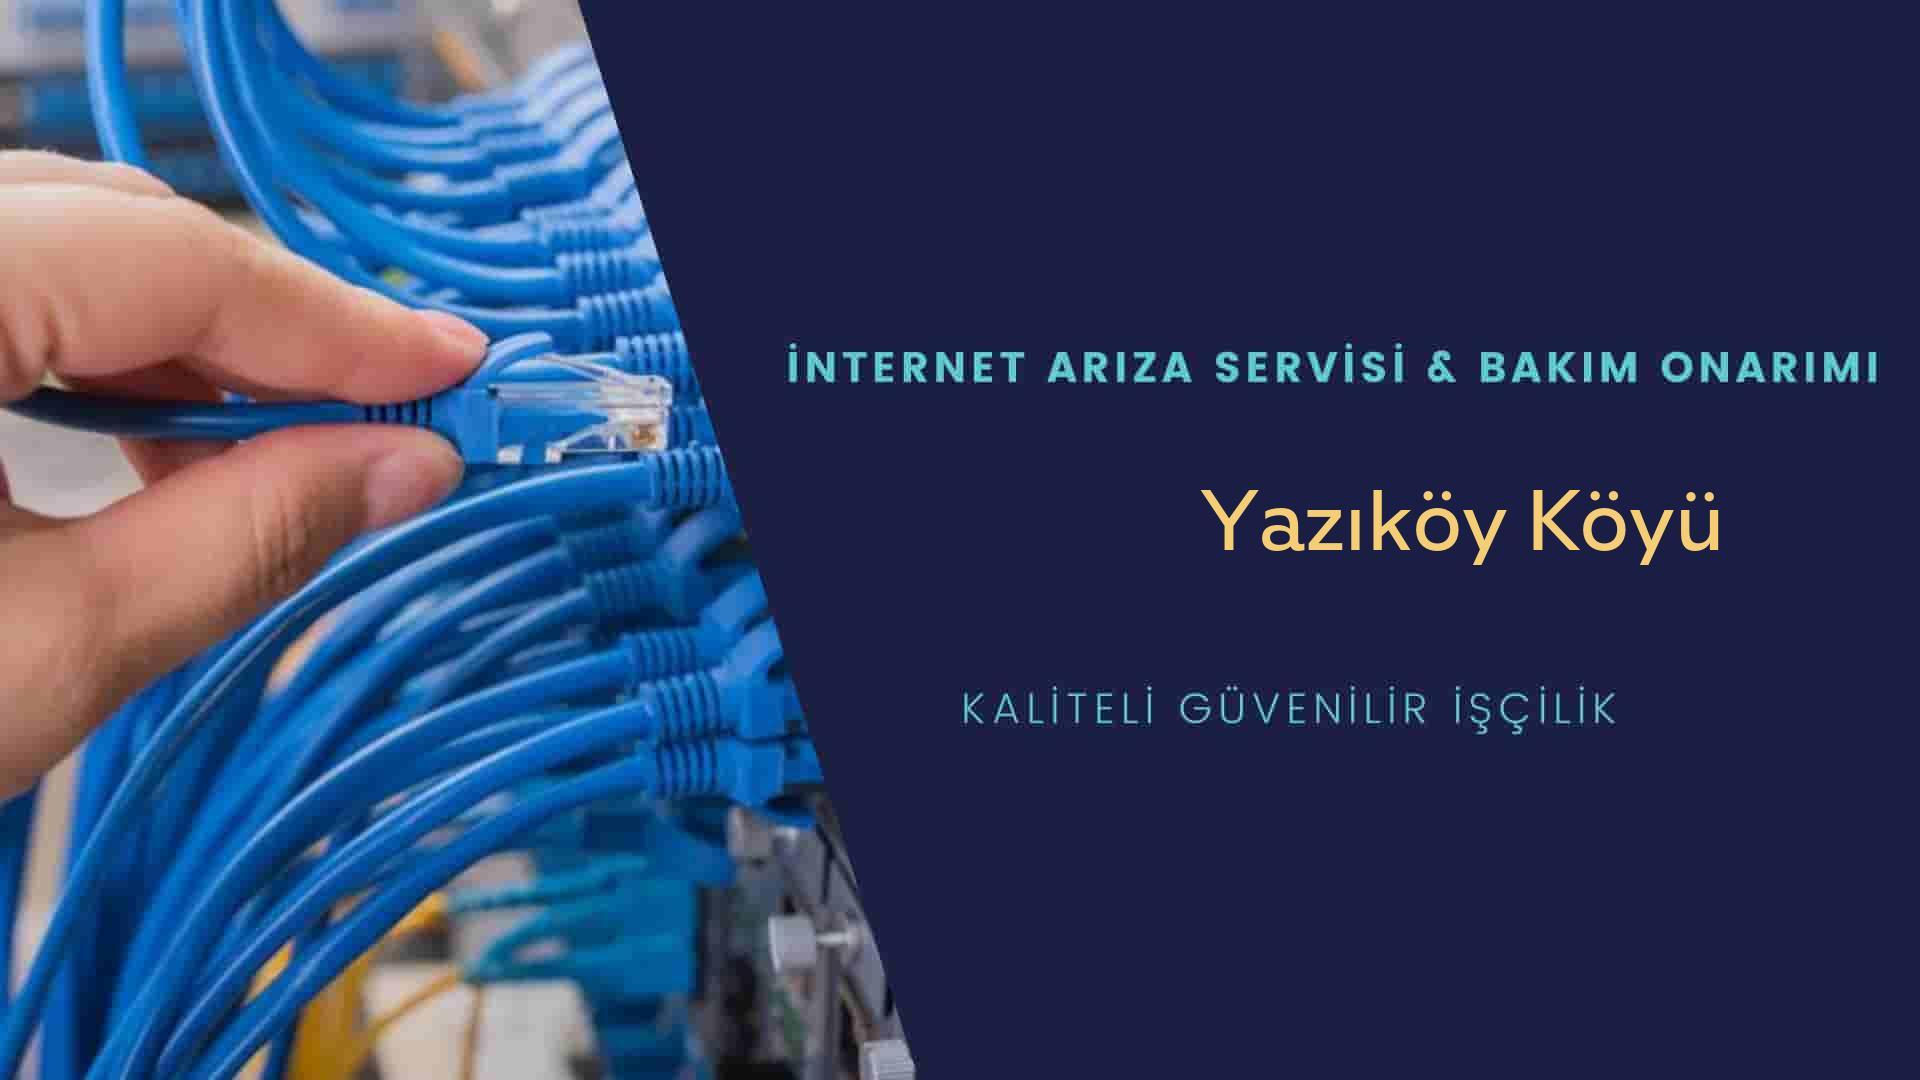 Yazıköy Köyü internet kablosu çekimi yapan yerler veya elektrikçiler mi? arıyorsunuz doğru yerdesiniz o zaman sizlere 7/24 yardımcı olacak profesyonel ustalarımız bir telefon kadar yakındır size.